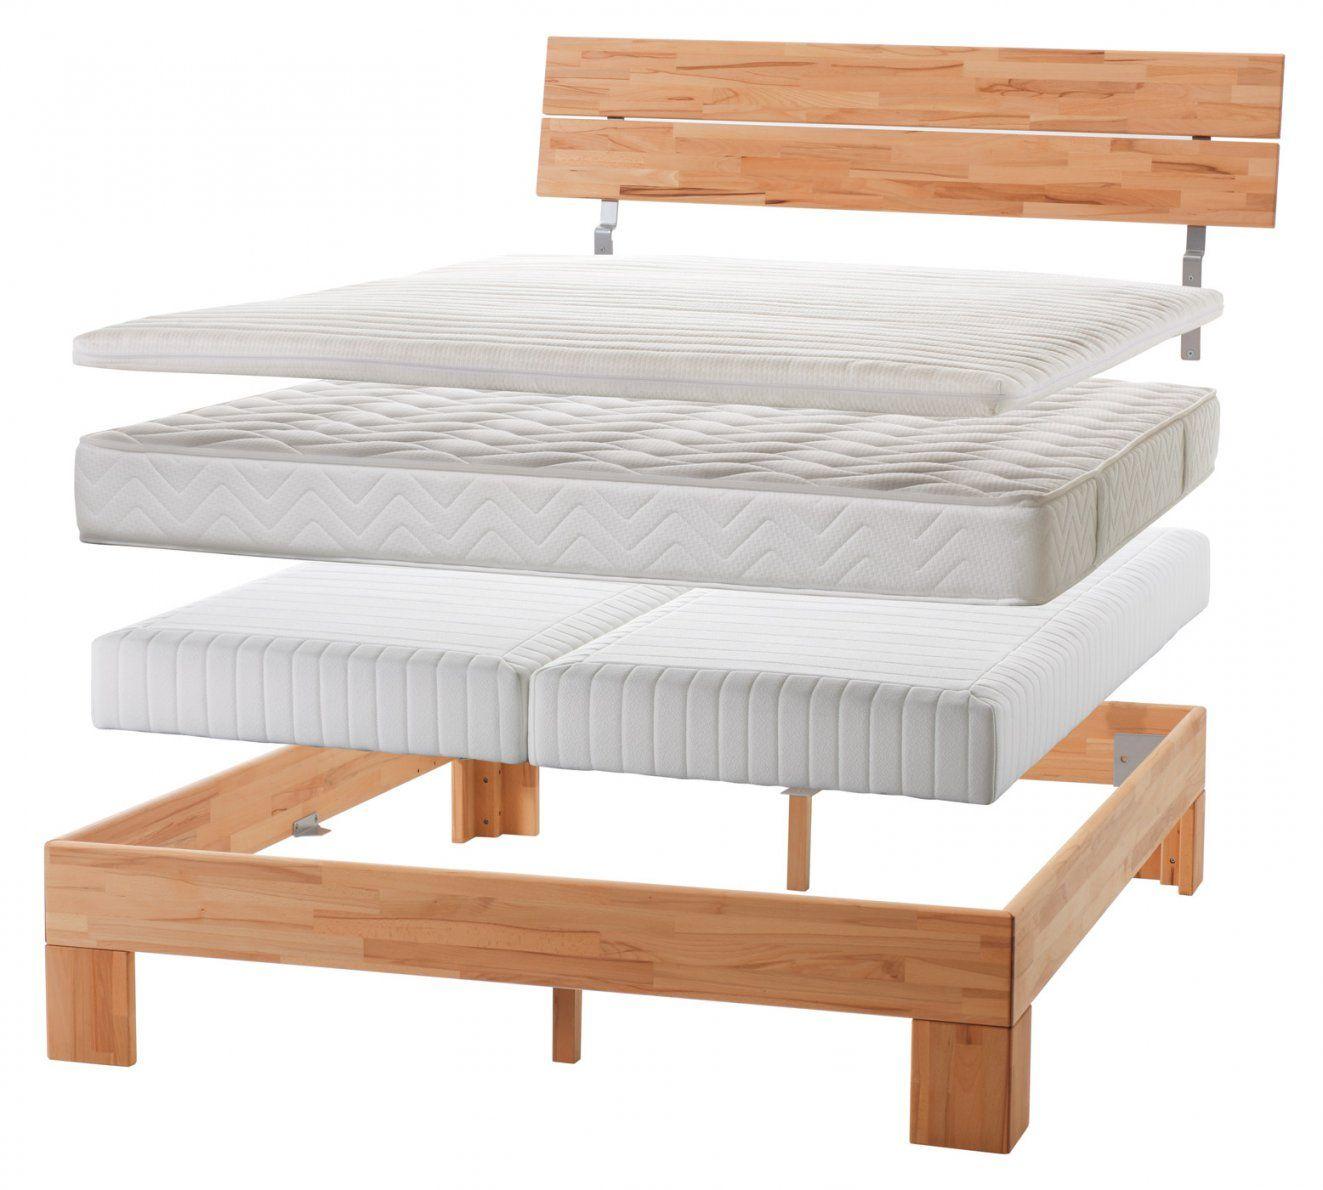 Bett Umbauen Bett Zum Himmelbett Umbauen Ikeahack Mandal Kommoden Bett